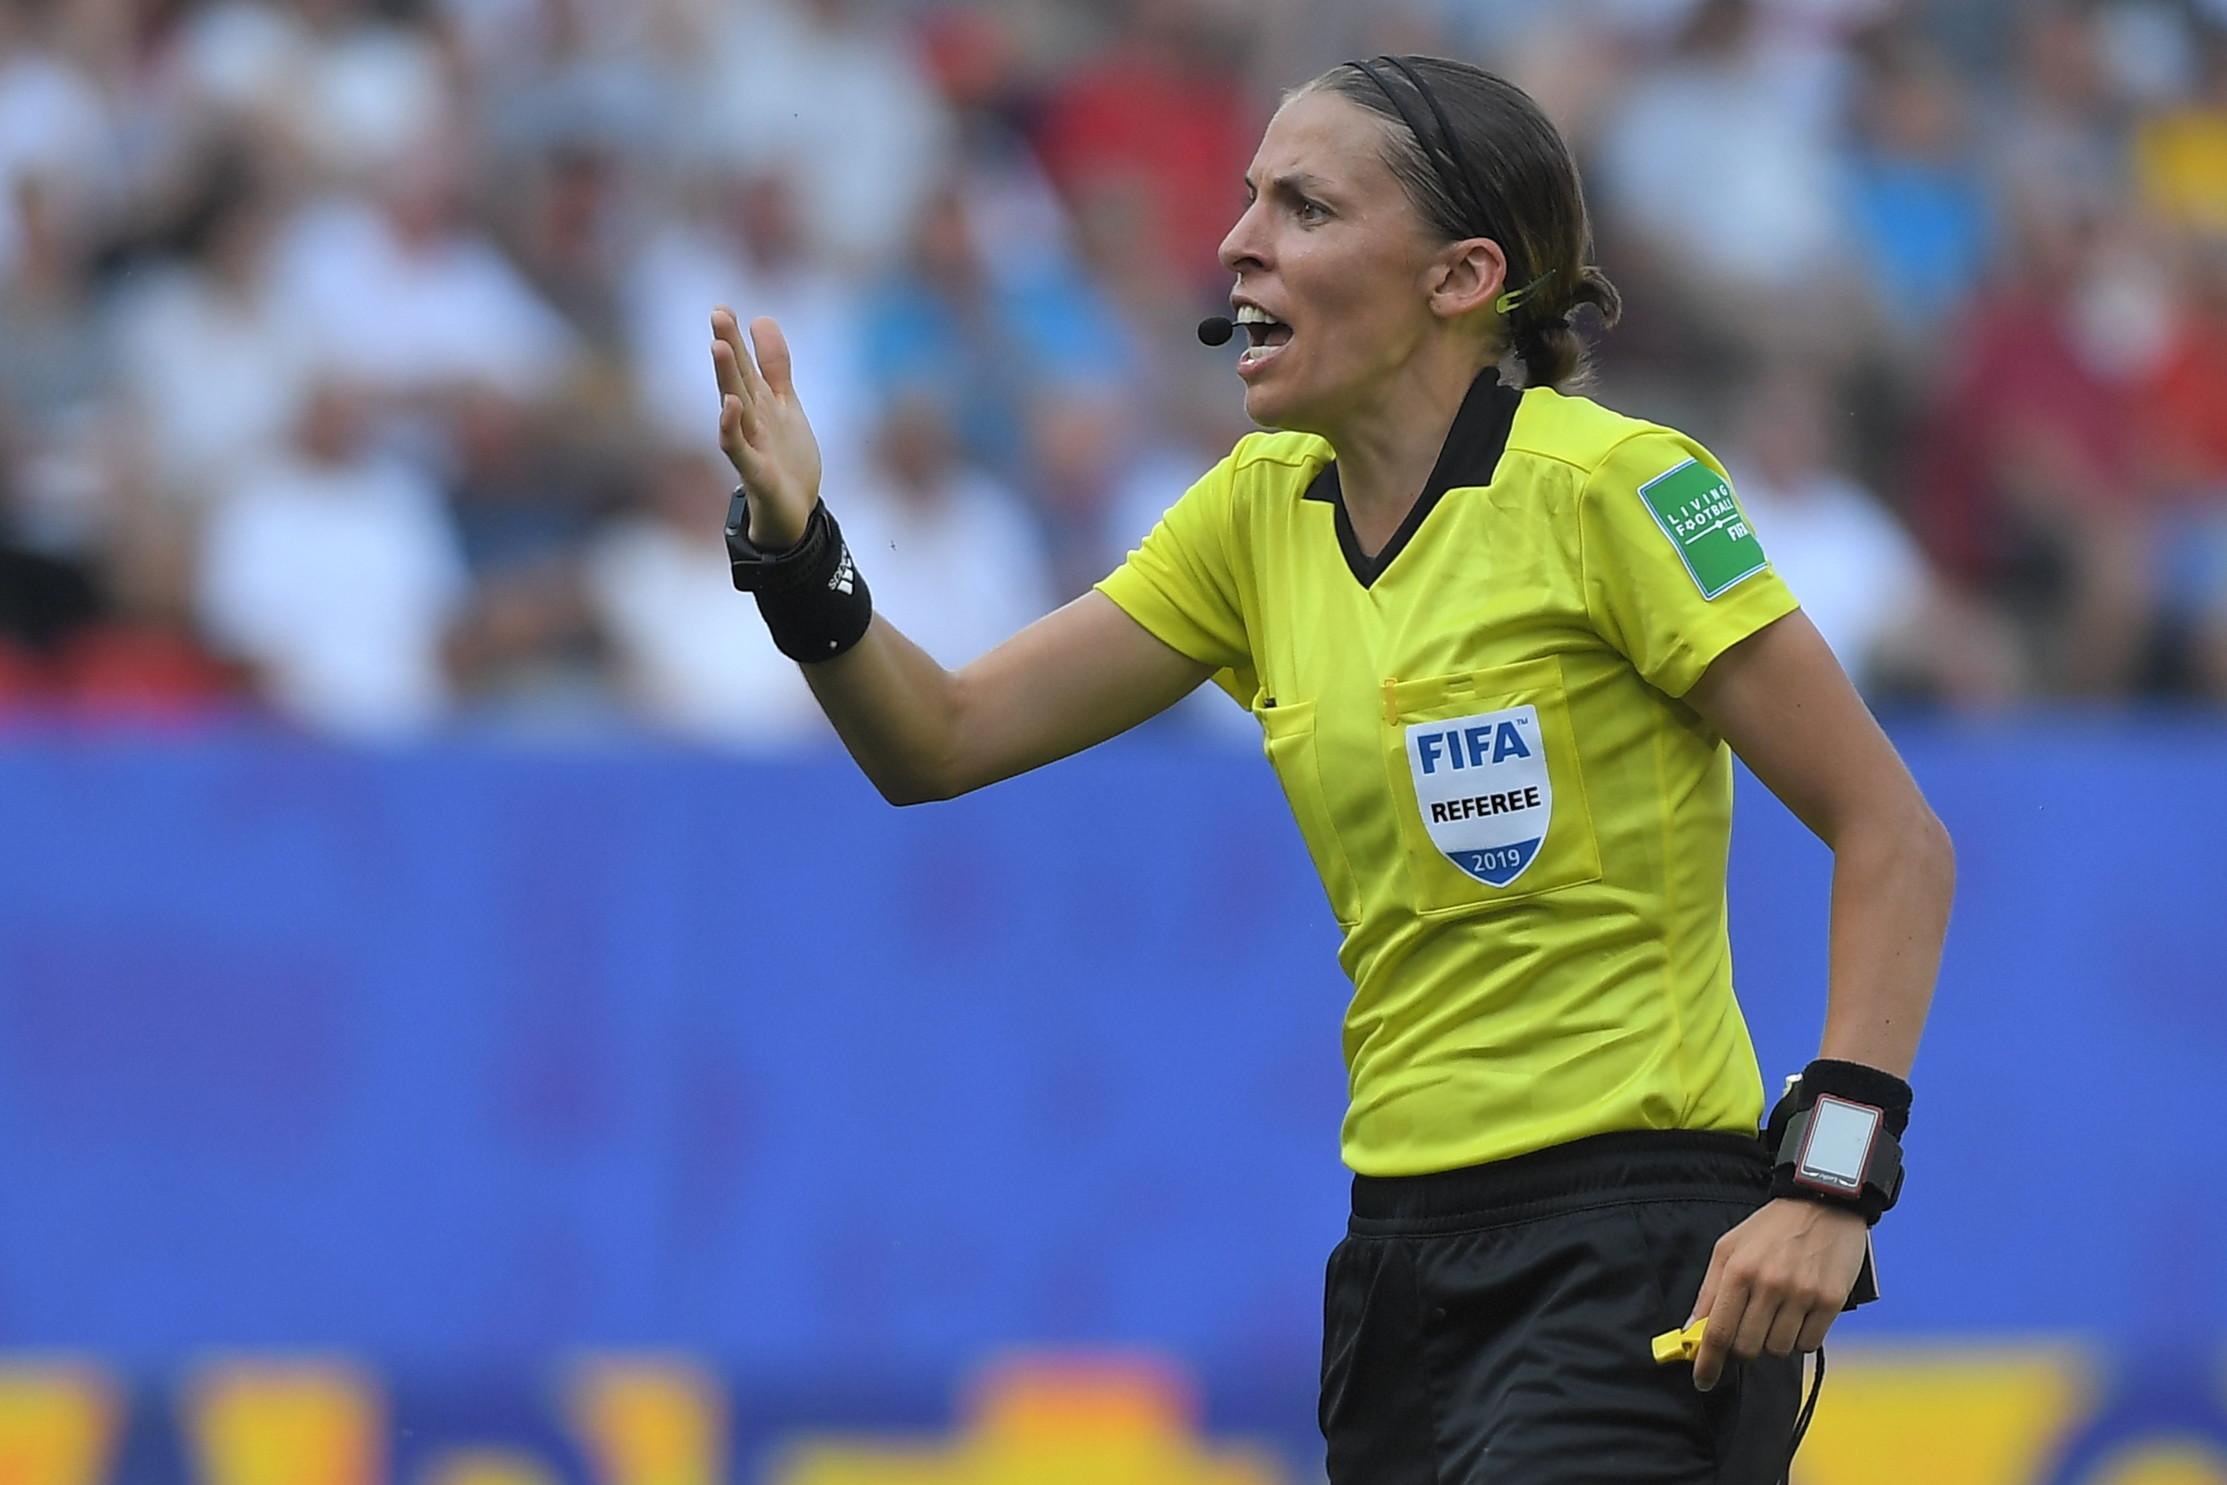 La Uefa ha compiuto una scelta epocale affidando la direzione della finale di Supercoppa europea tra Liverpool e Chelsea a un arbitro-donna per la pri...